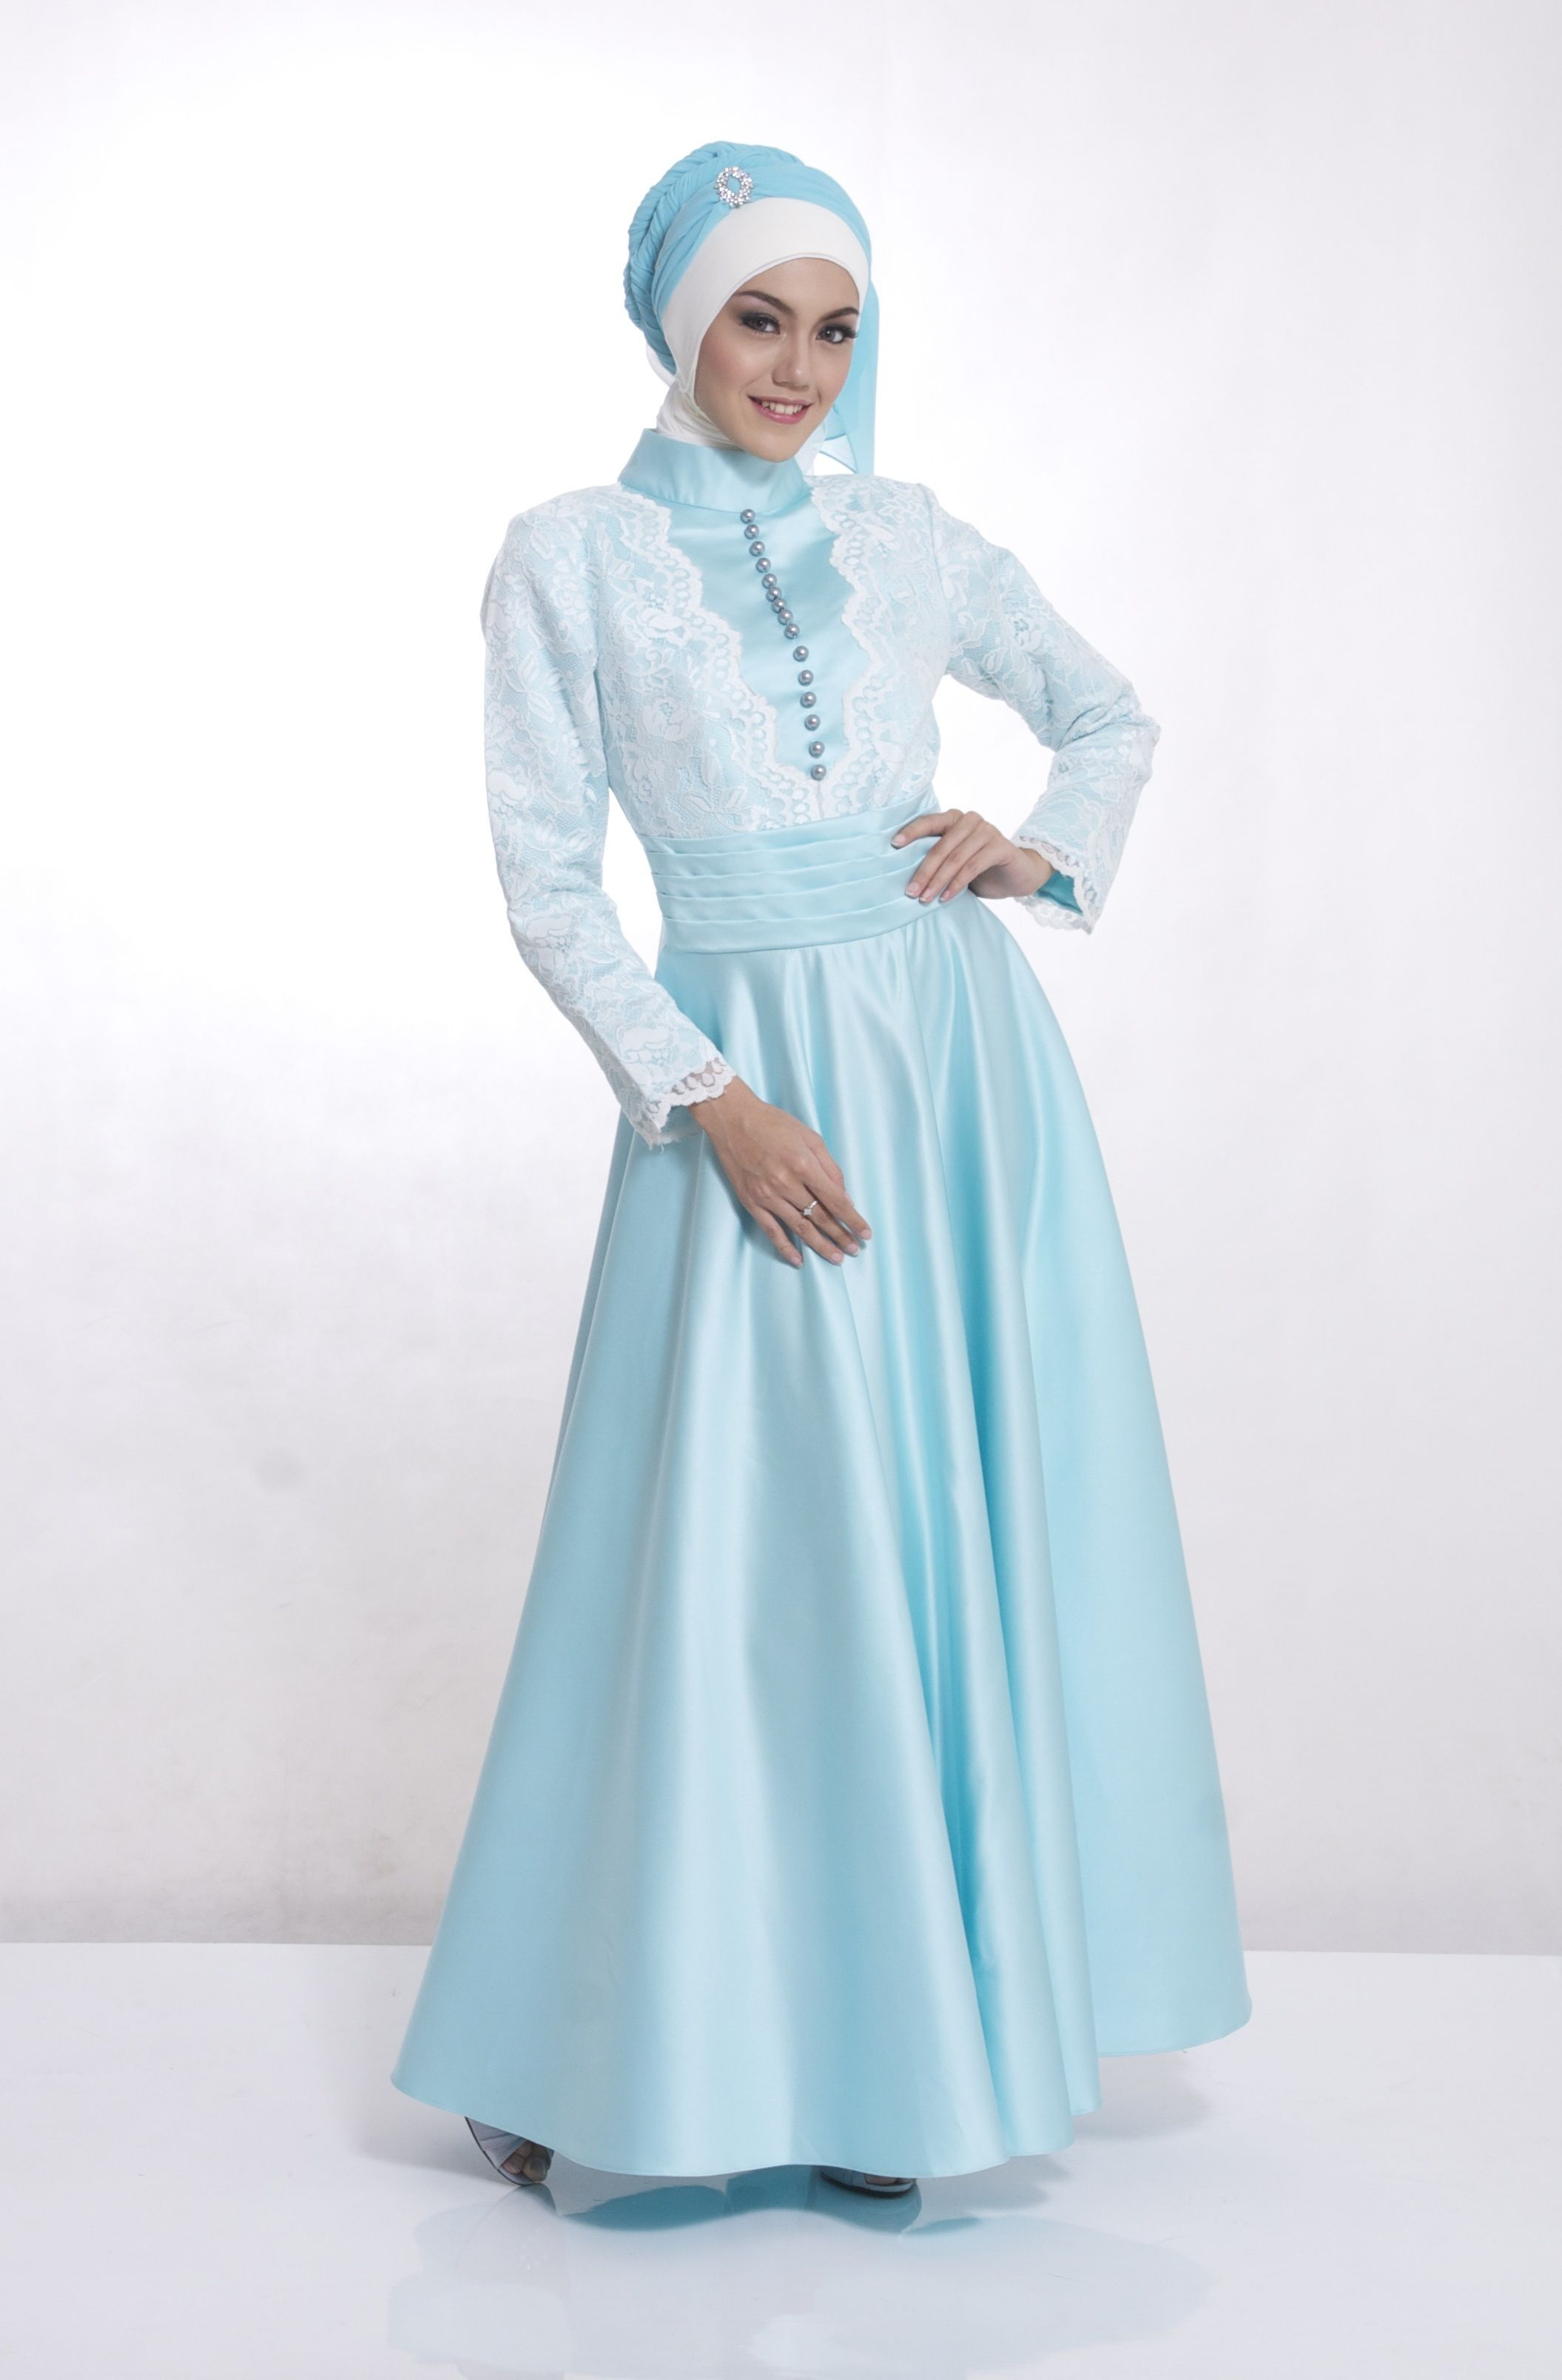 Baju Pesta Muslim Modern Yang Elegan Tempat Untuk Dikunjungi